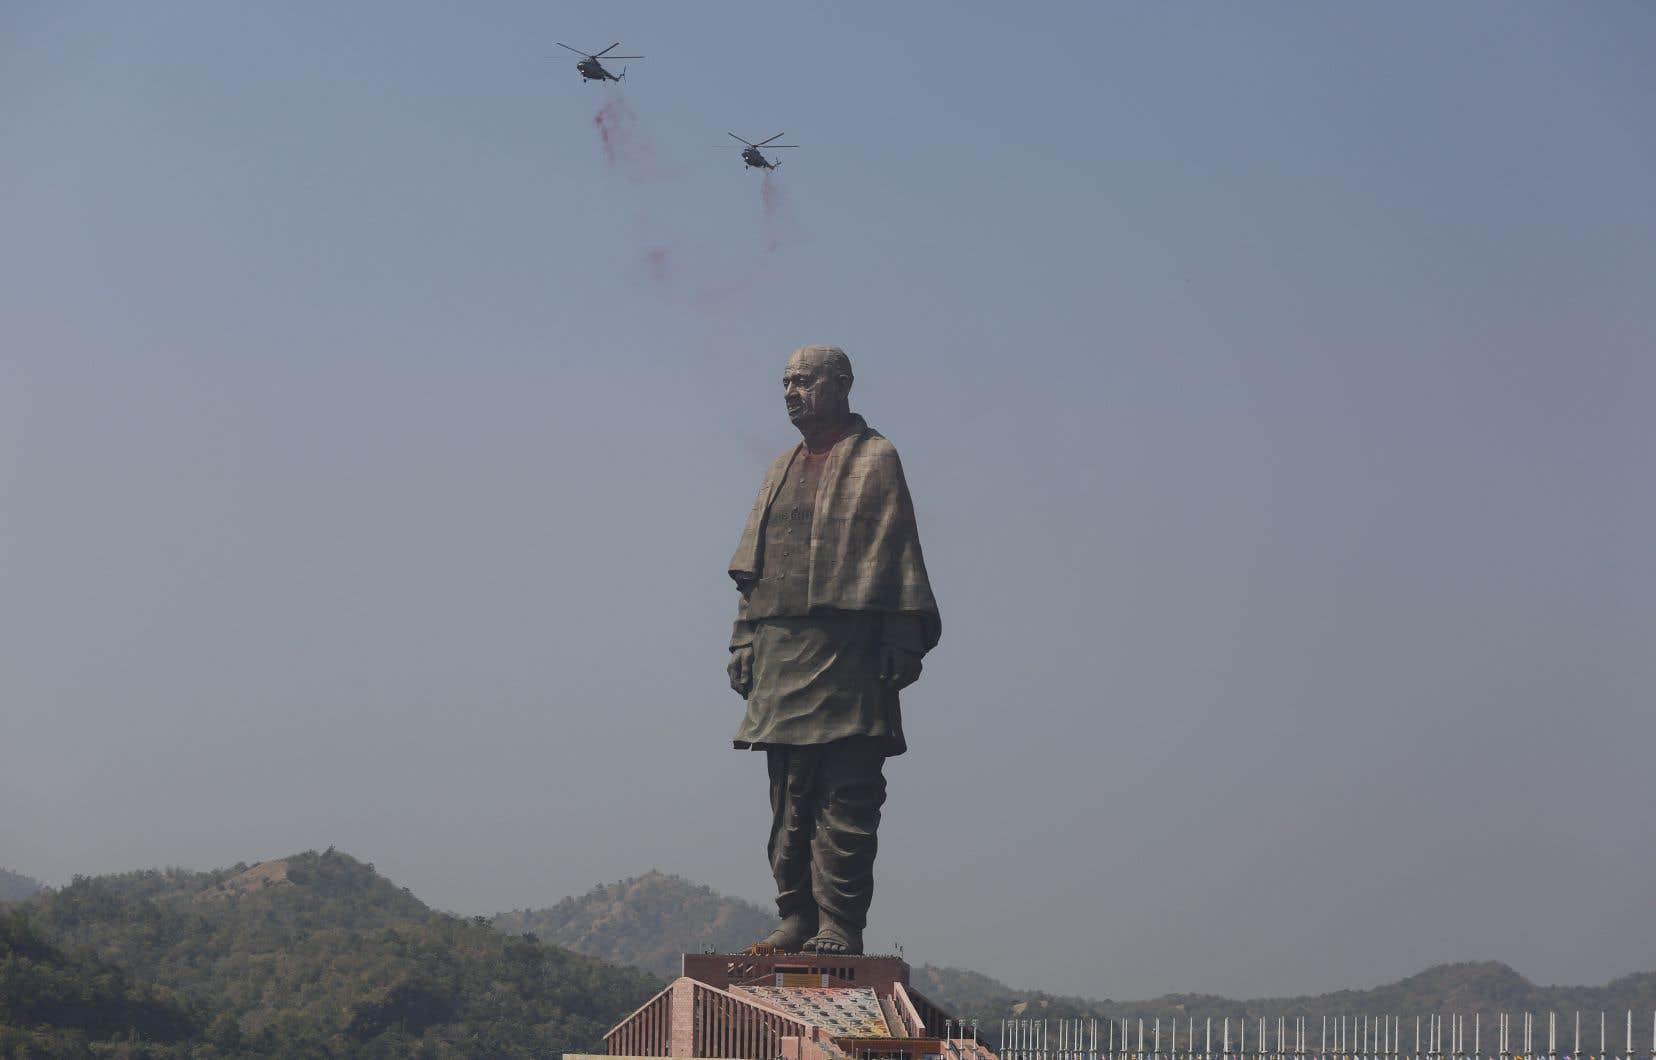 Des hélicoptères jettent des pétales de fleurs sur la«Statue de l'Unité» nouvellement inaugurée, mercredi.